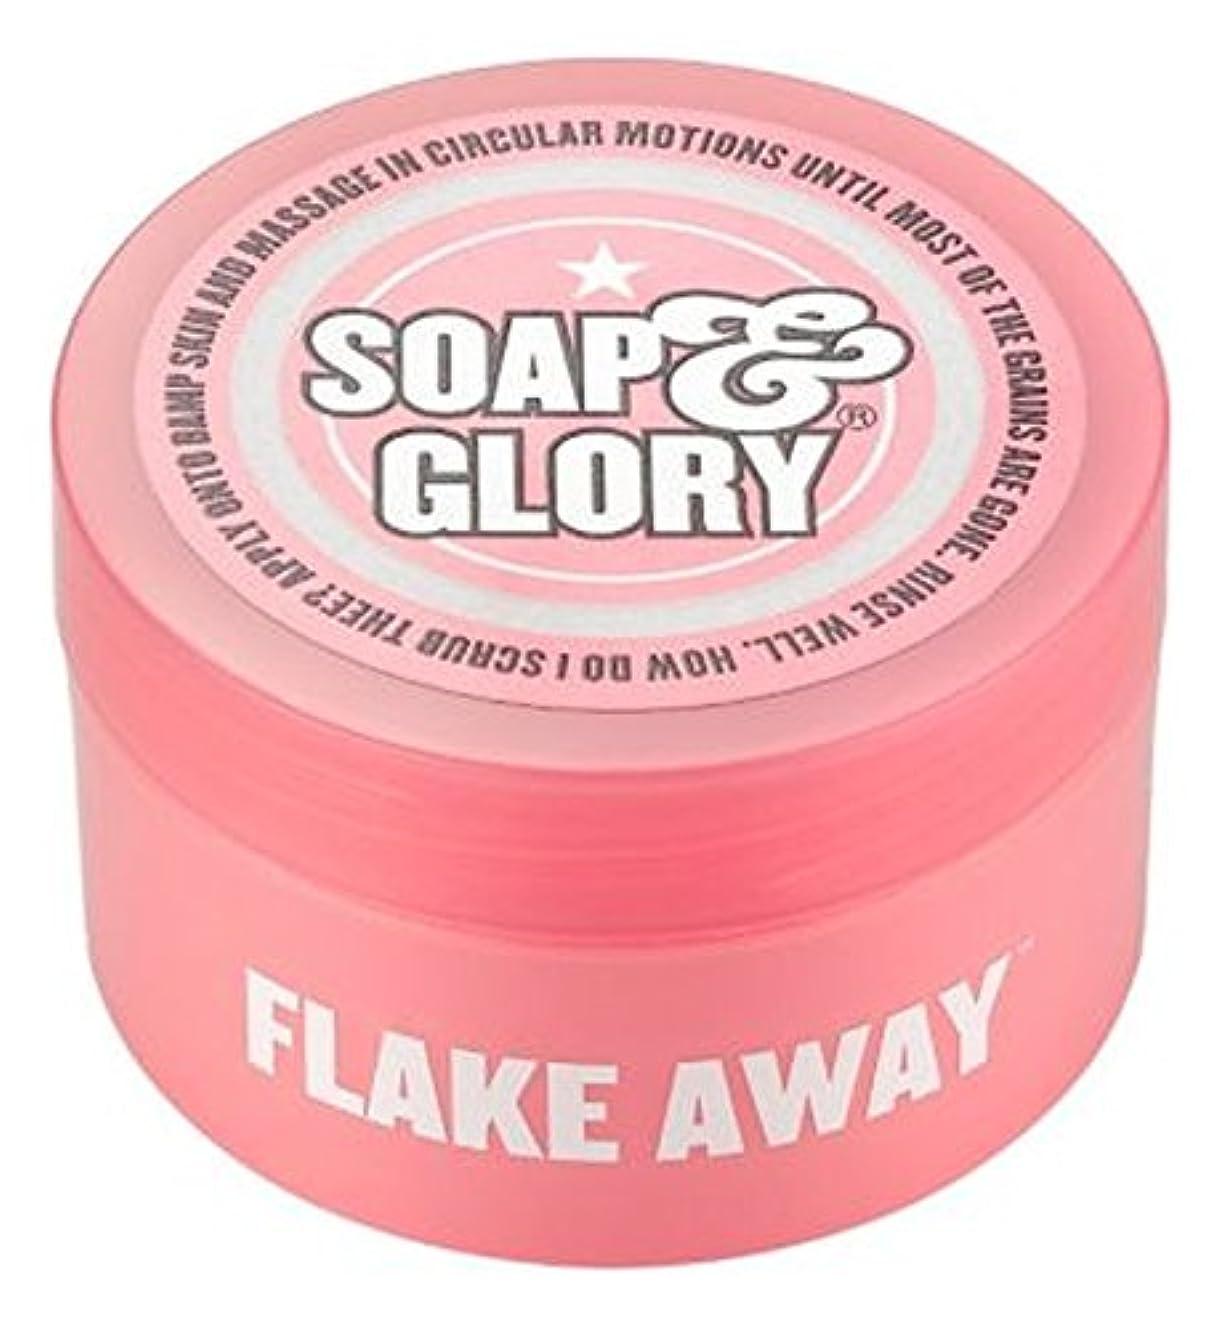 約有罪メカニック石鹸&栄光トラベルサイズのフレーク離れ?ボディスクラブ50ミリリットル (Soap & Glory) (x2) - Soap & Glory Travel Size Flake Away? Body Scrub 50ml (Pack of 2) [並行輸入品]